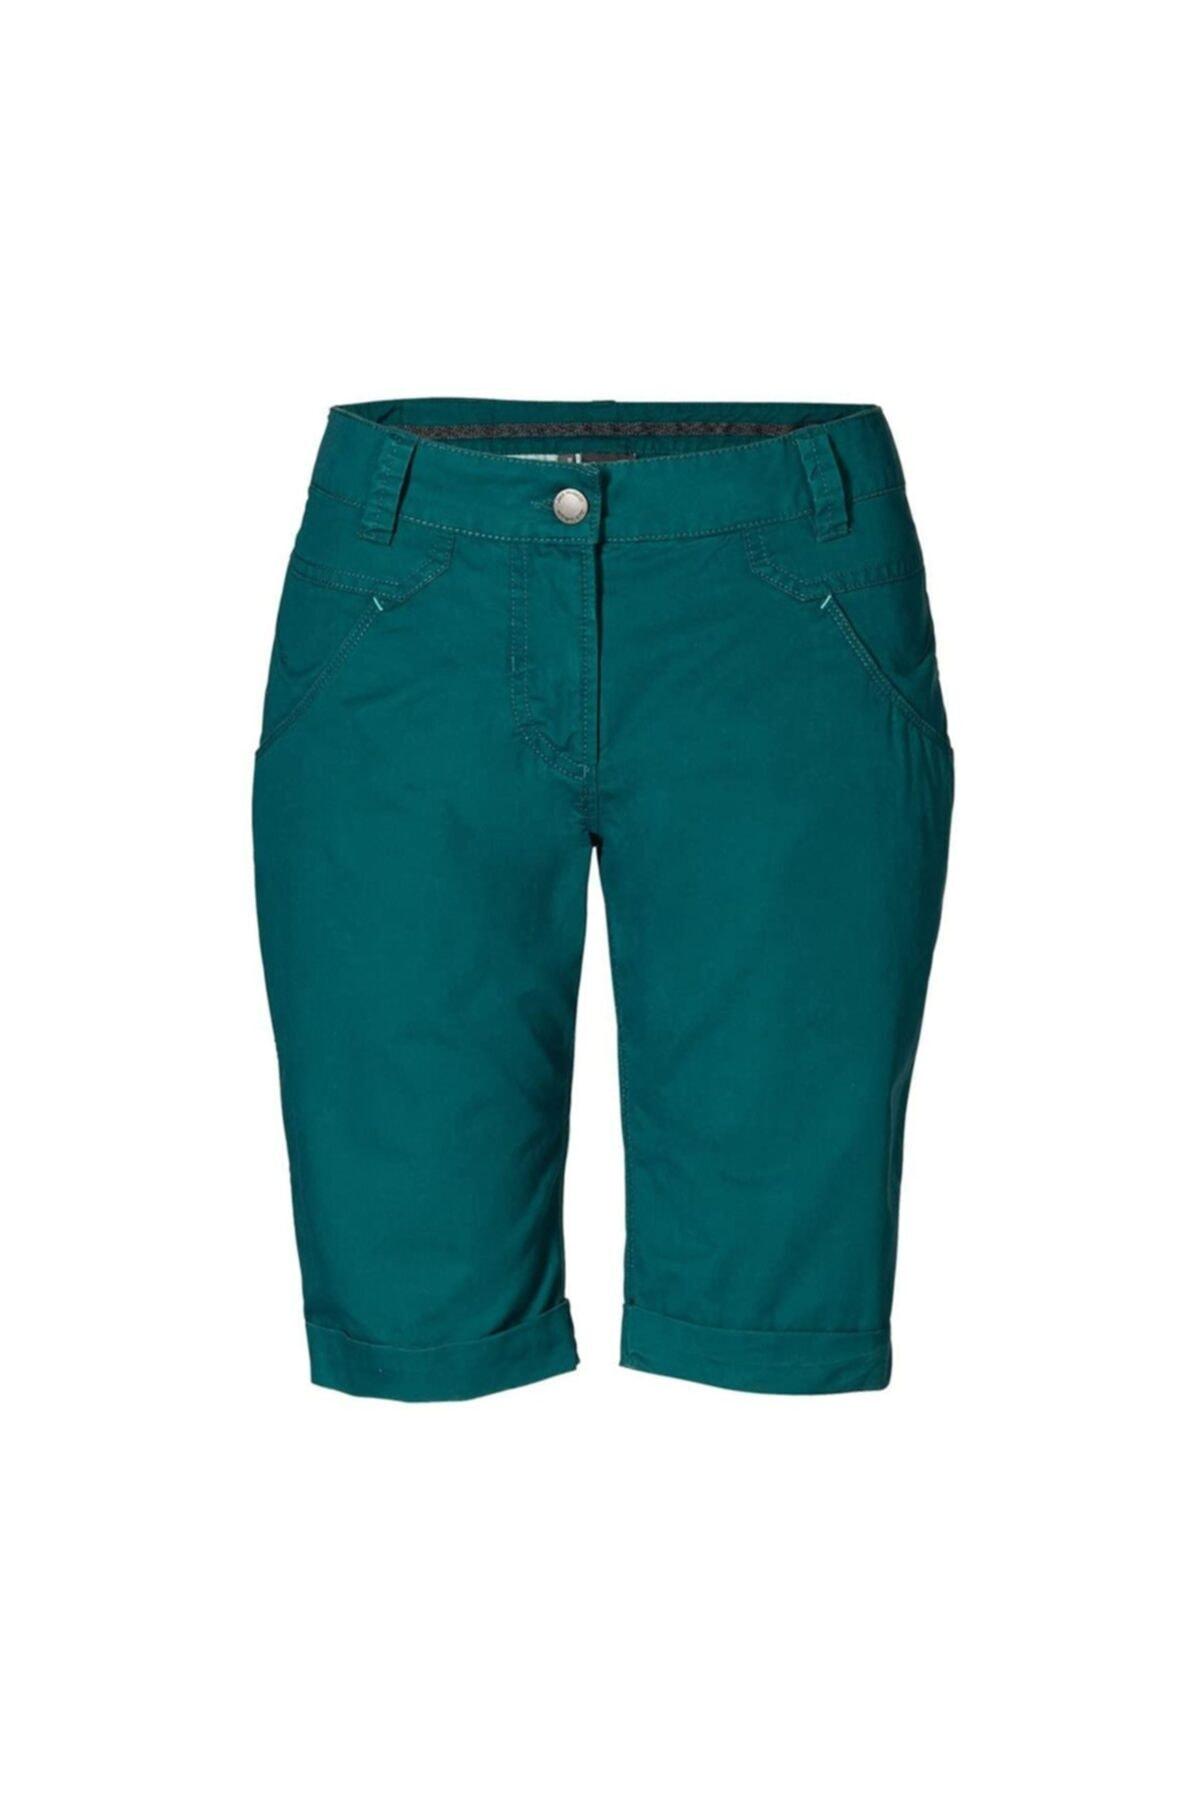 Jack Wolfskin Victoria Oc Kadın Pantolon 1502921-4062 1